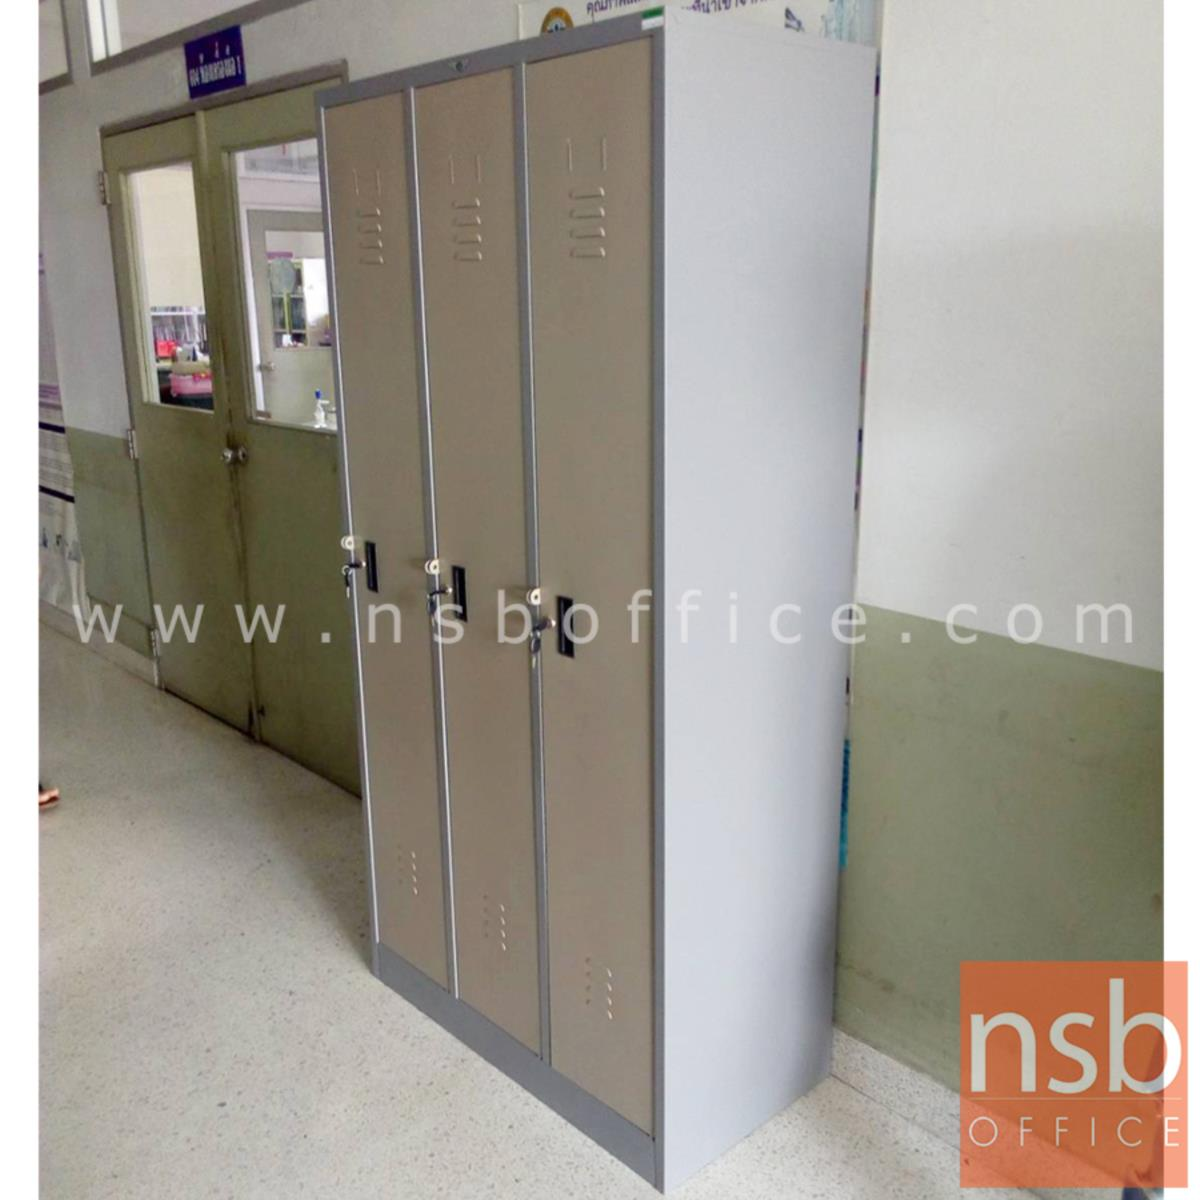 ตู้ล็อกเกอร์ 3 ประตู รุ่น Fiennes (ไฟนส์)  ขนาด 91.4W*45.7D*182.9H cm.